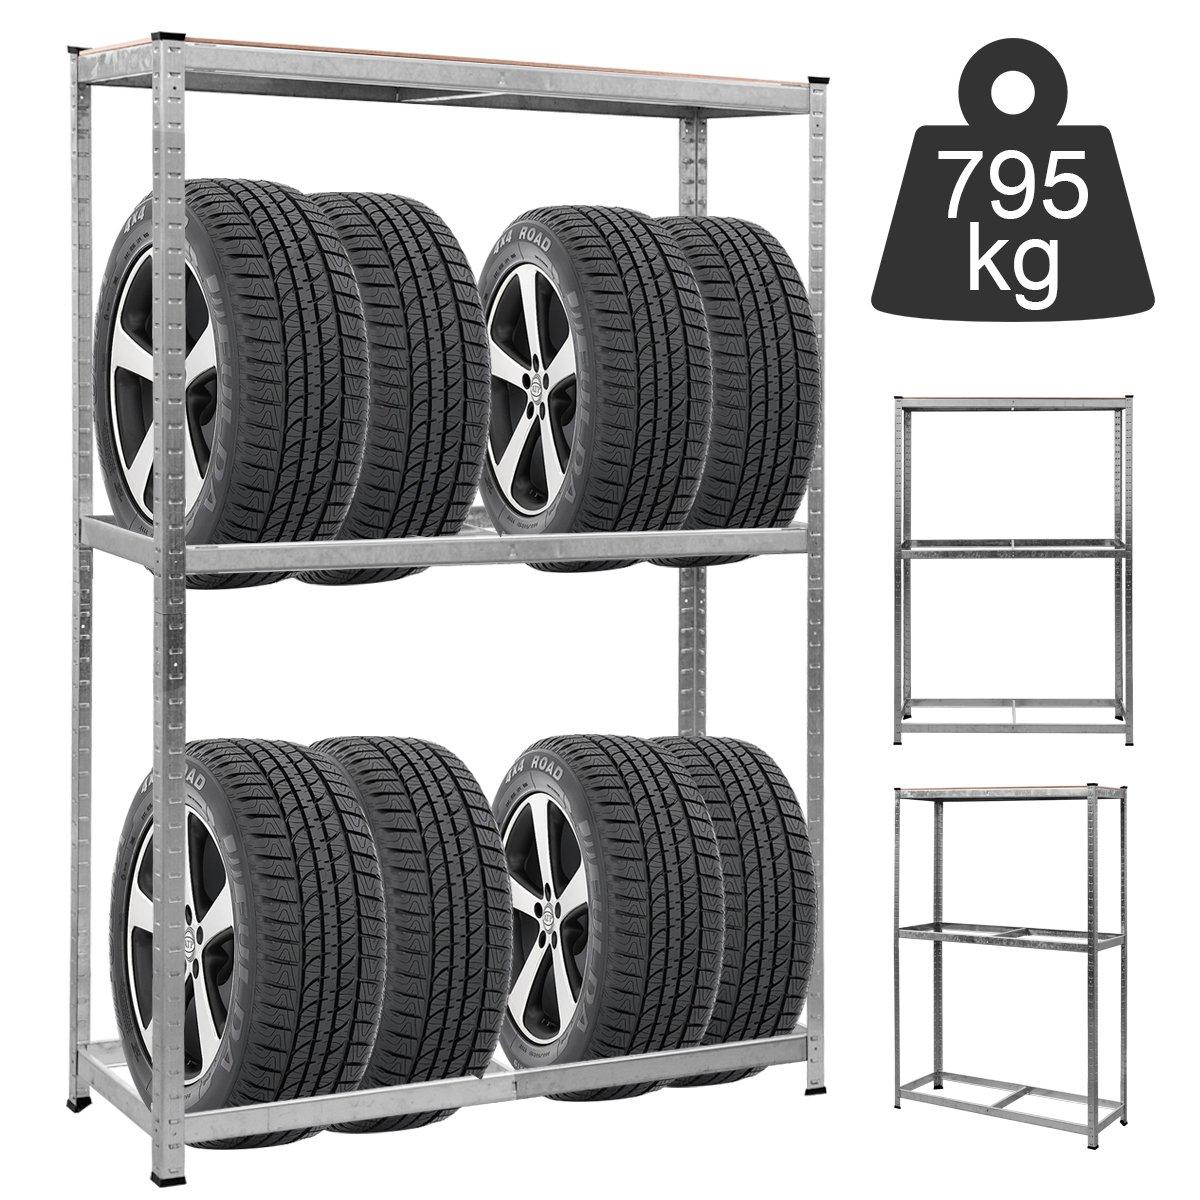 COSTWAY Etag/ère de Rangement Stockage pour Pneus Rayonnage Pneus Garage Capacit/é de Charge Lourde en Acier /à 3 Niveaux 120 x 40 x 180 cm